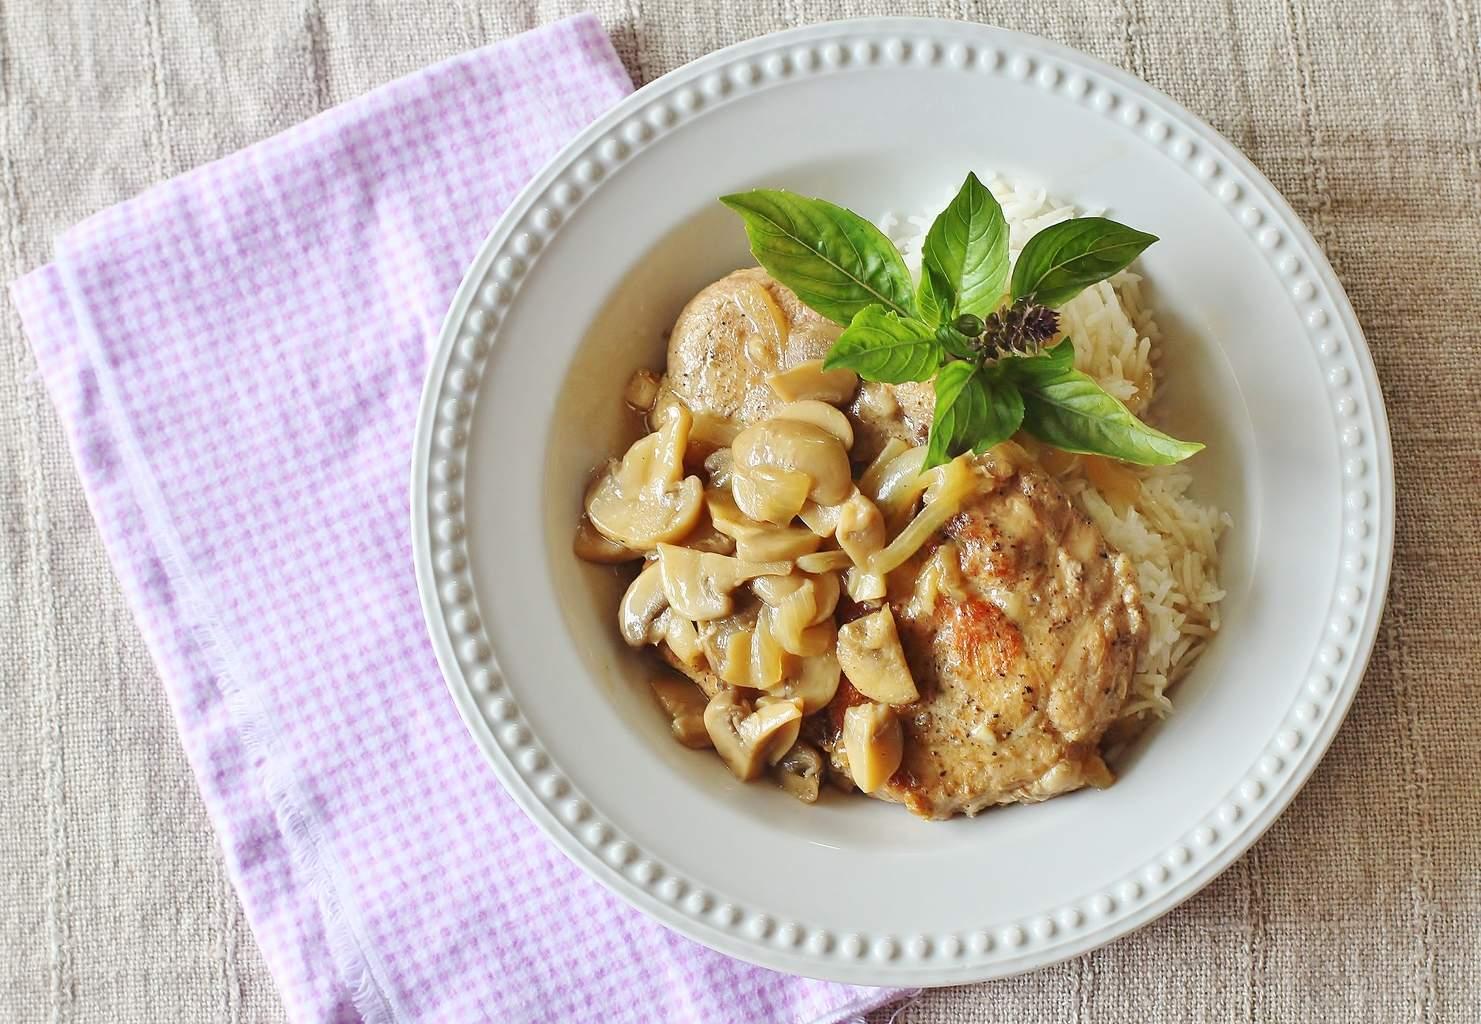 how to make mushroom gravy for pork chops